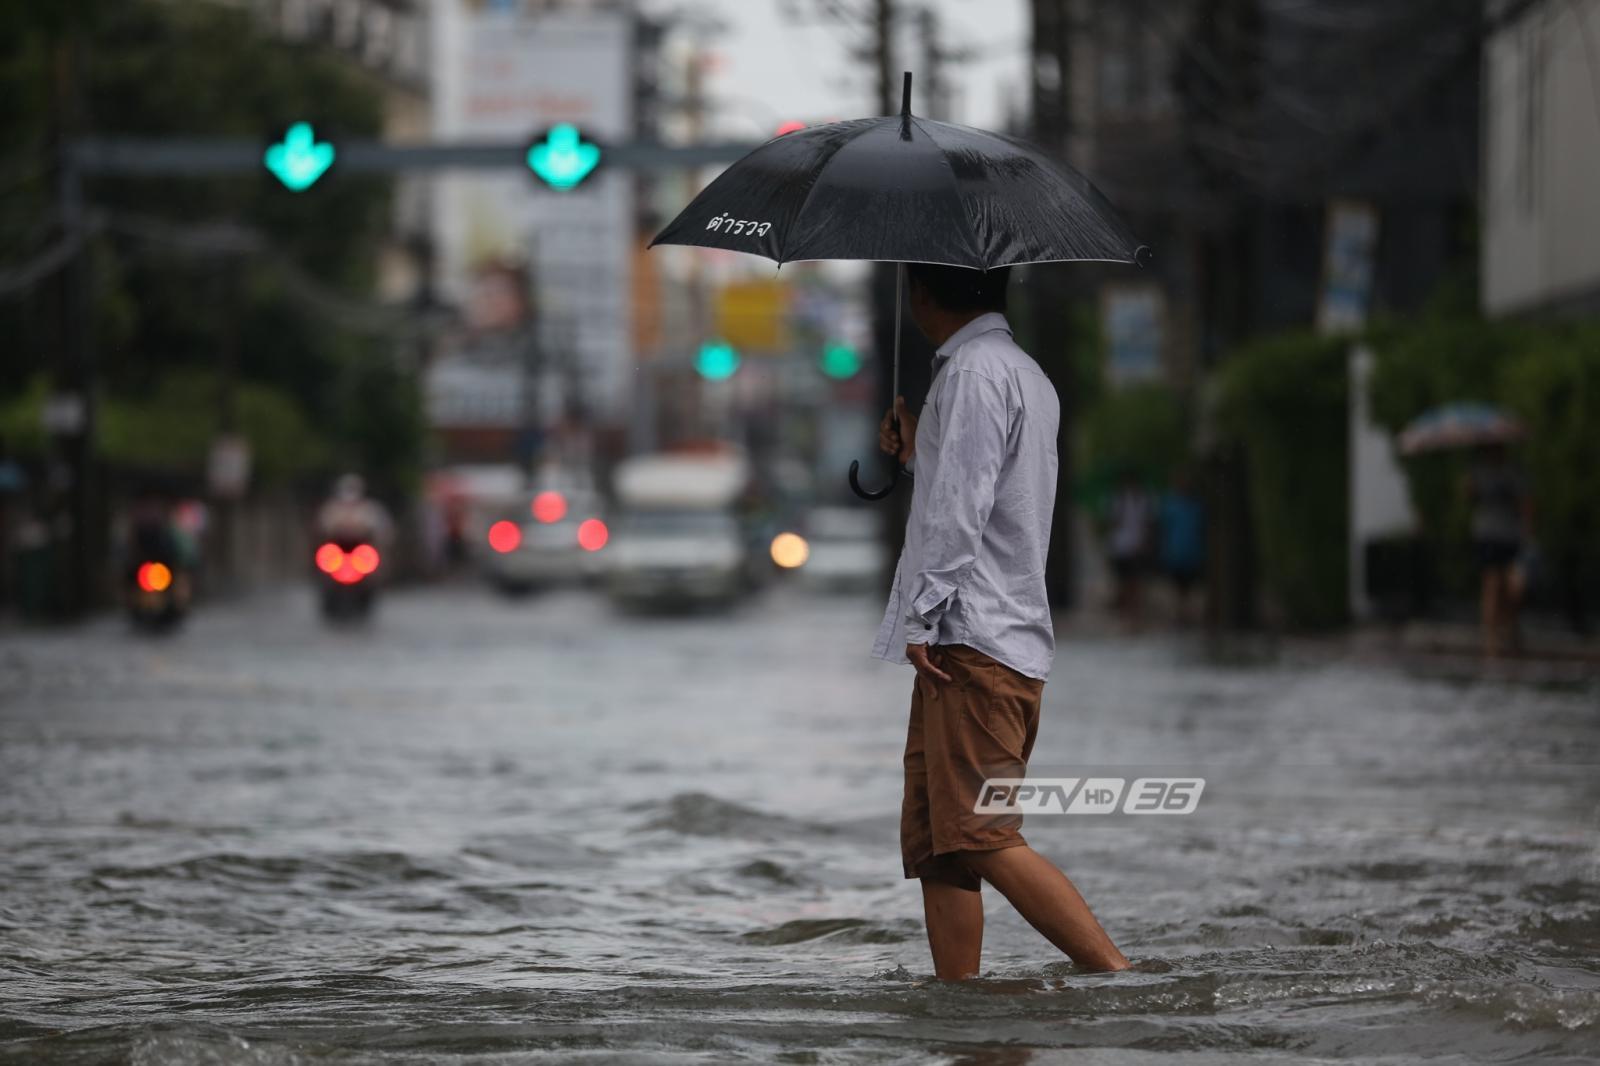 อุตุฯ ชี้ประเทศไทยปริมาณฝนลดลง กทม.มีฝนตกร้อยละ 60